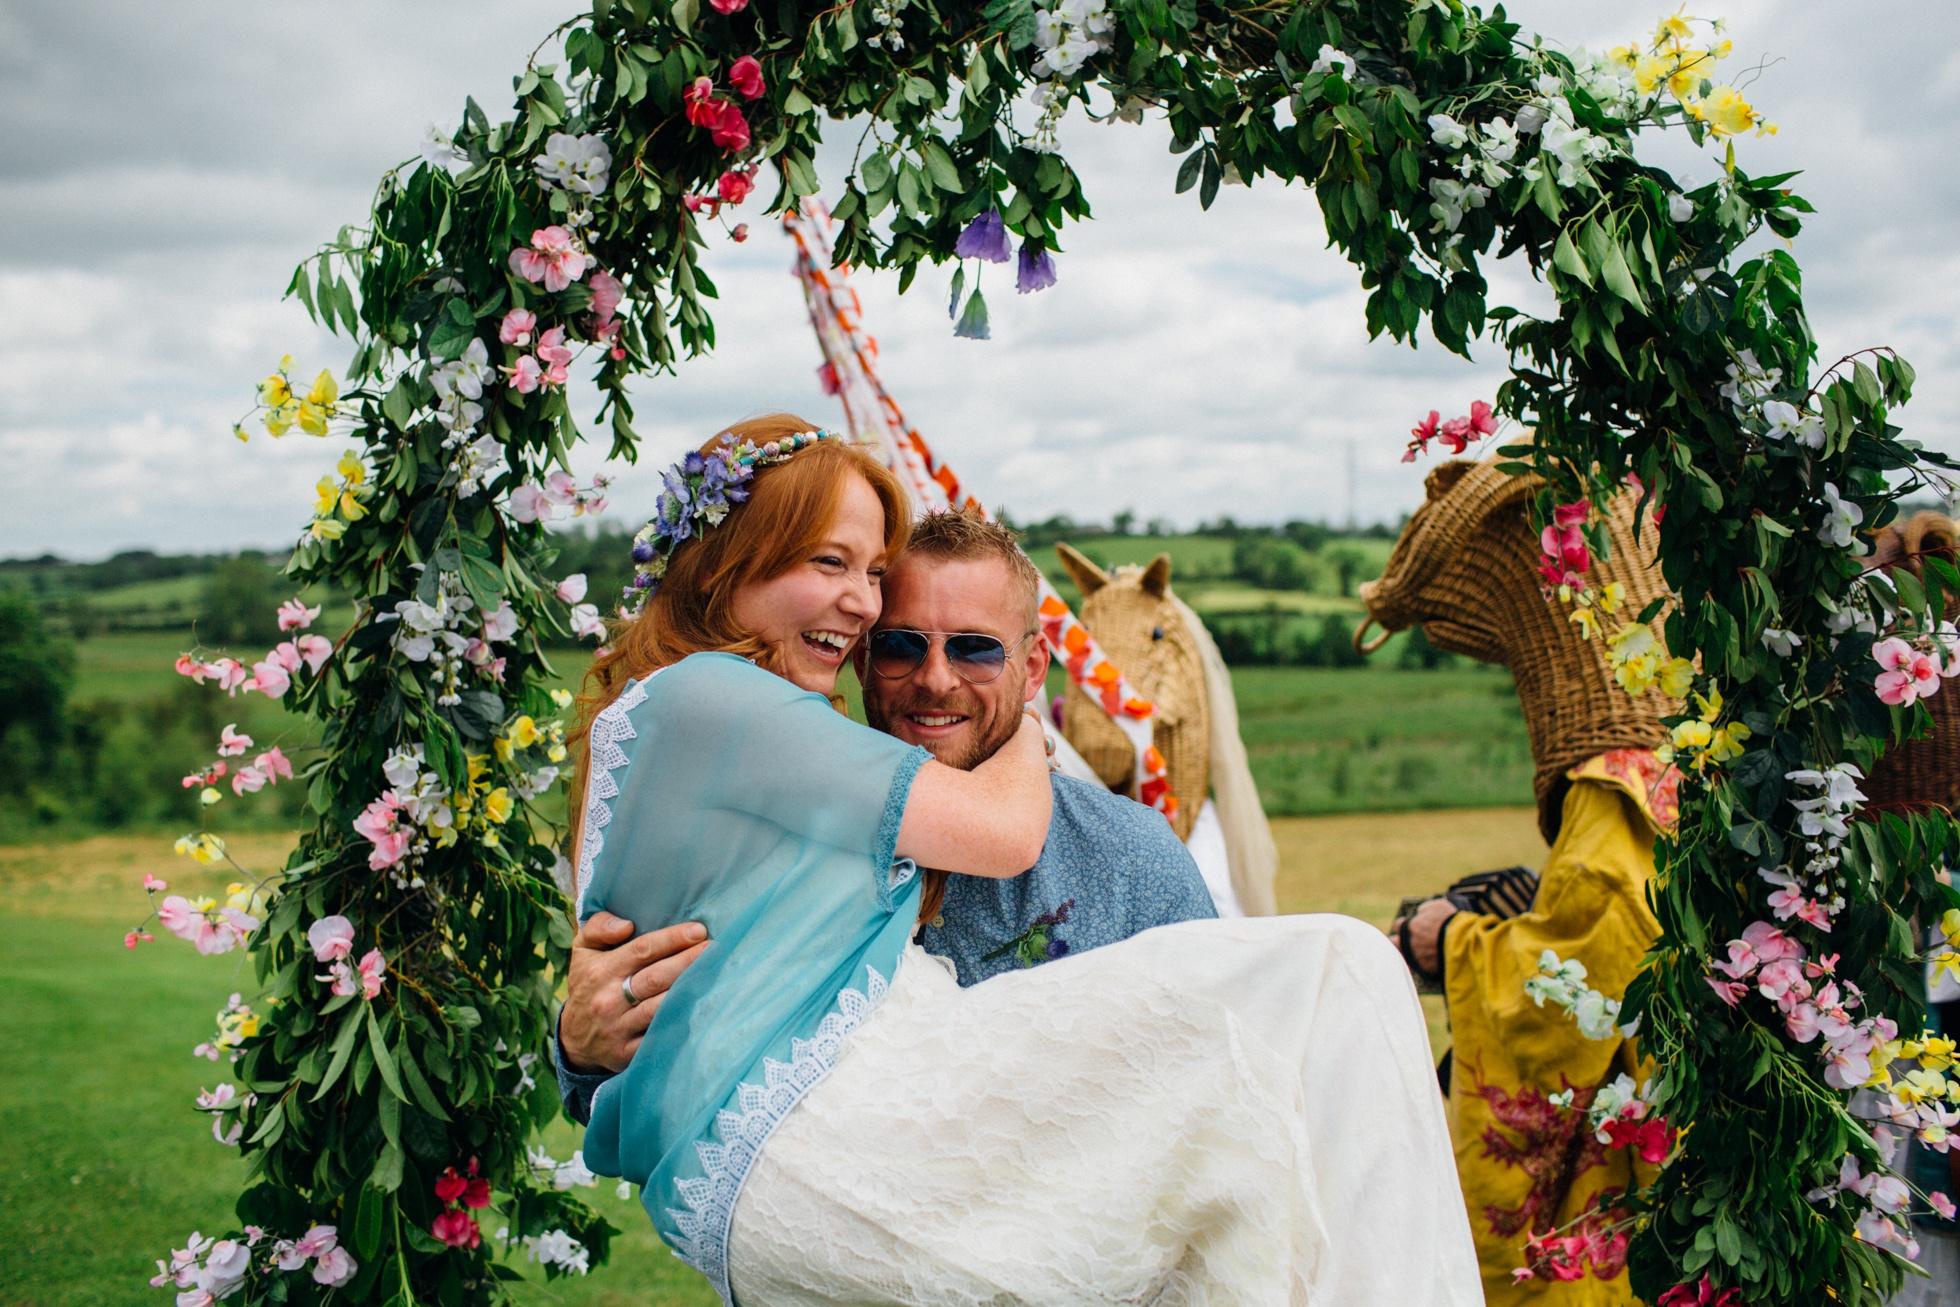 Wedding Photography Ni: Wedding Photography Gallery